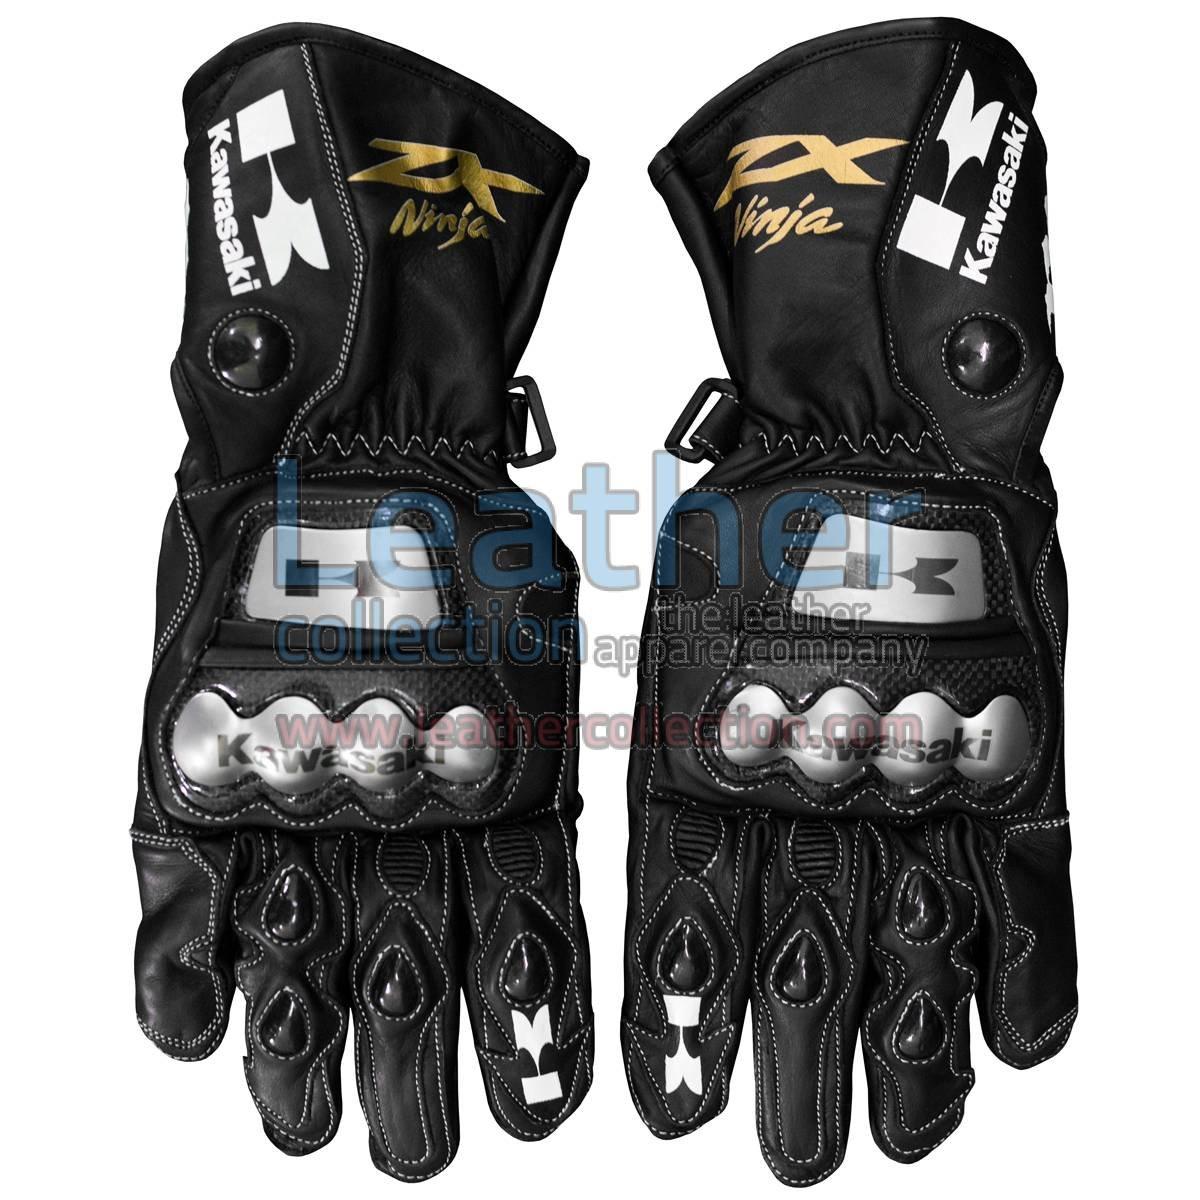 Kawasaki Ninja Racing Gloves